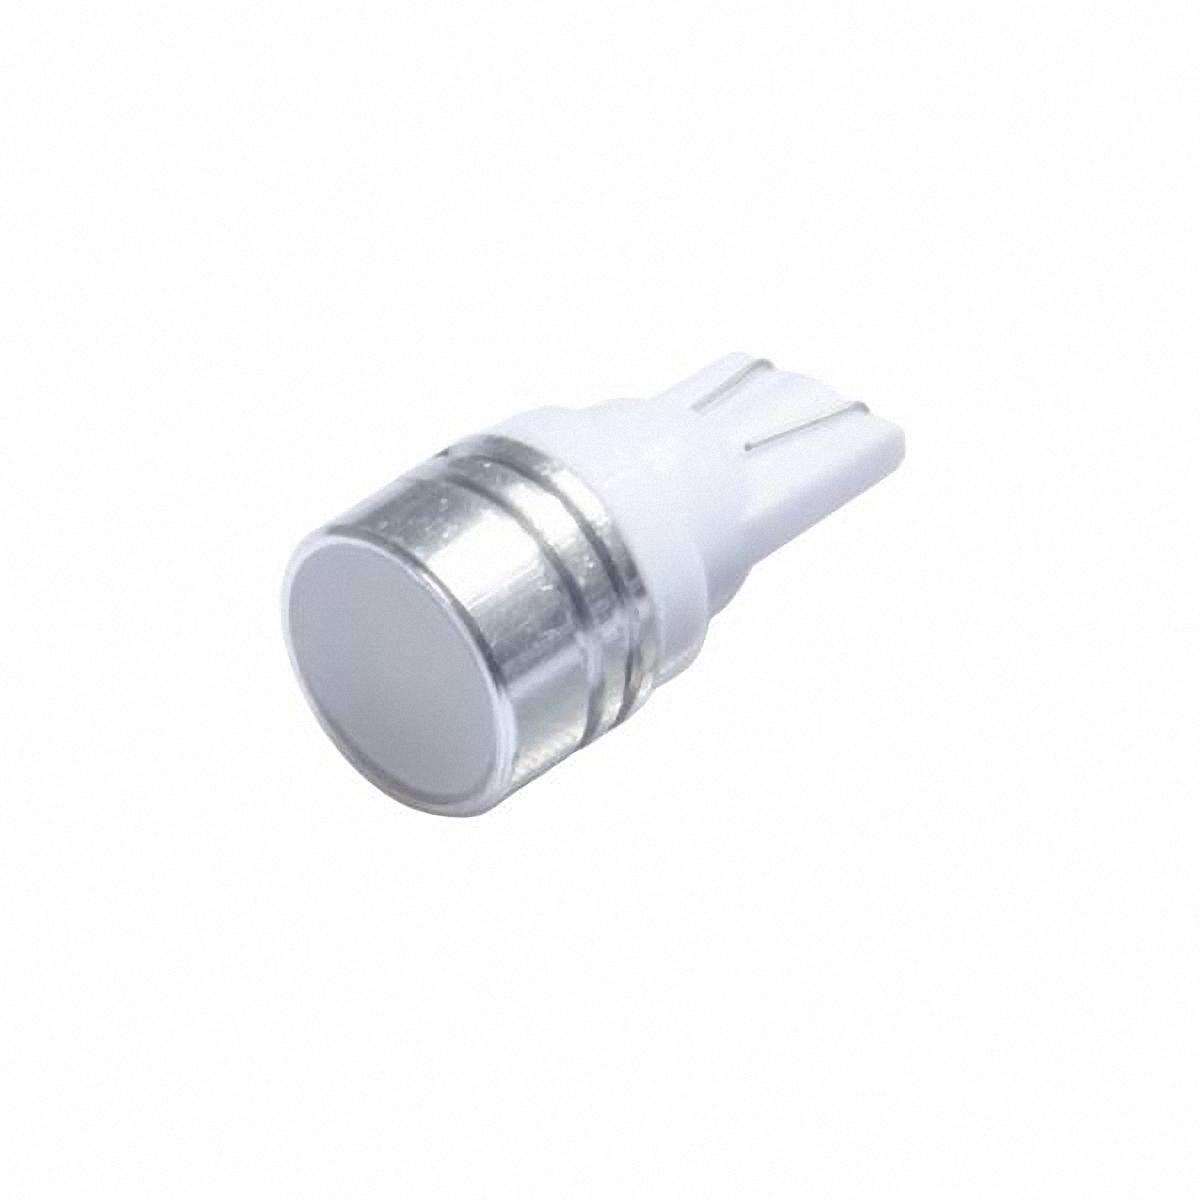 Автолампа диод Skyway T10 (W5W). ST10-HP-0.3W 12V WST10-HP-0.3W 12V WАвтолампа диод Skyway T10 (W5W) - один из наиболее долговечных источников света.Такая автолампа прослужит намного дольше обычных ламп, она не боится перепадов температур, устойчива к вибрациям и ударам.Автолампа T10 имеет компактный размер, низкое потребление энергии, тем самым значительно снижает нагрузку на аккумулятор и генератор автомобиля.